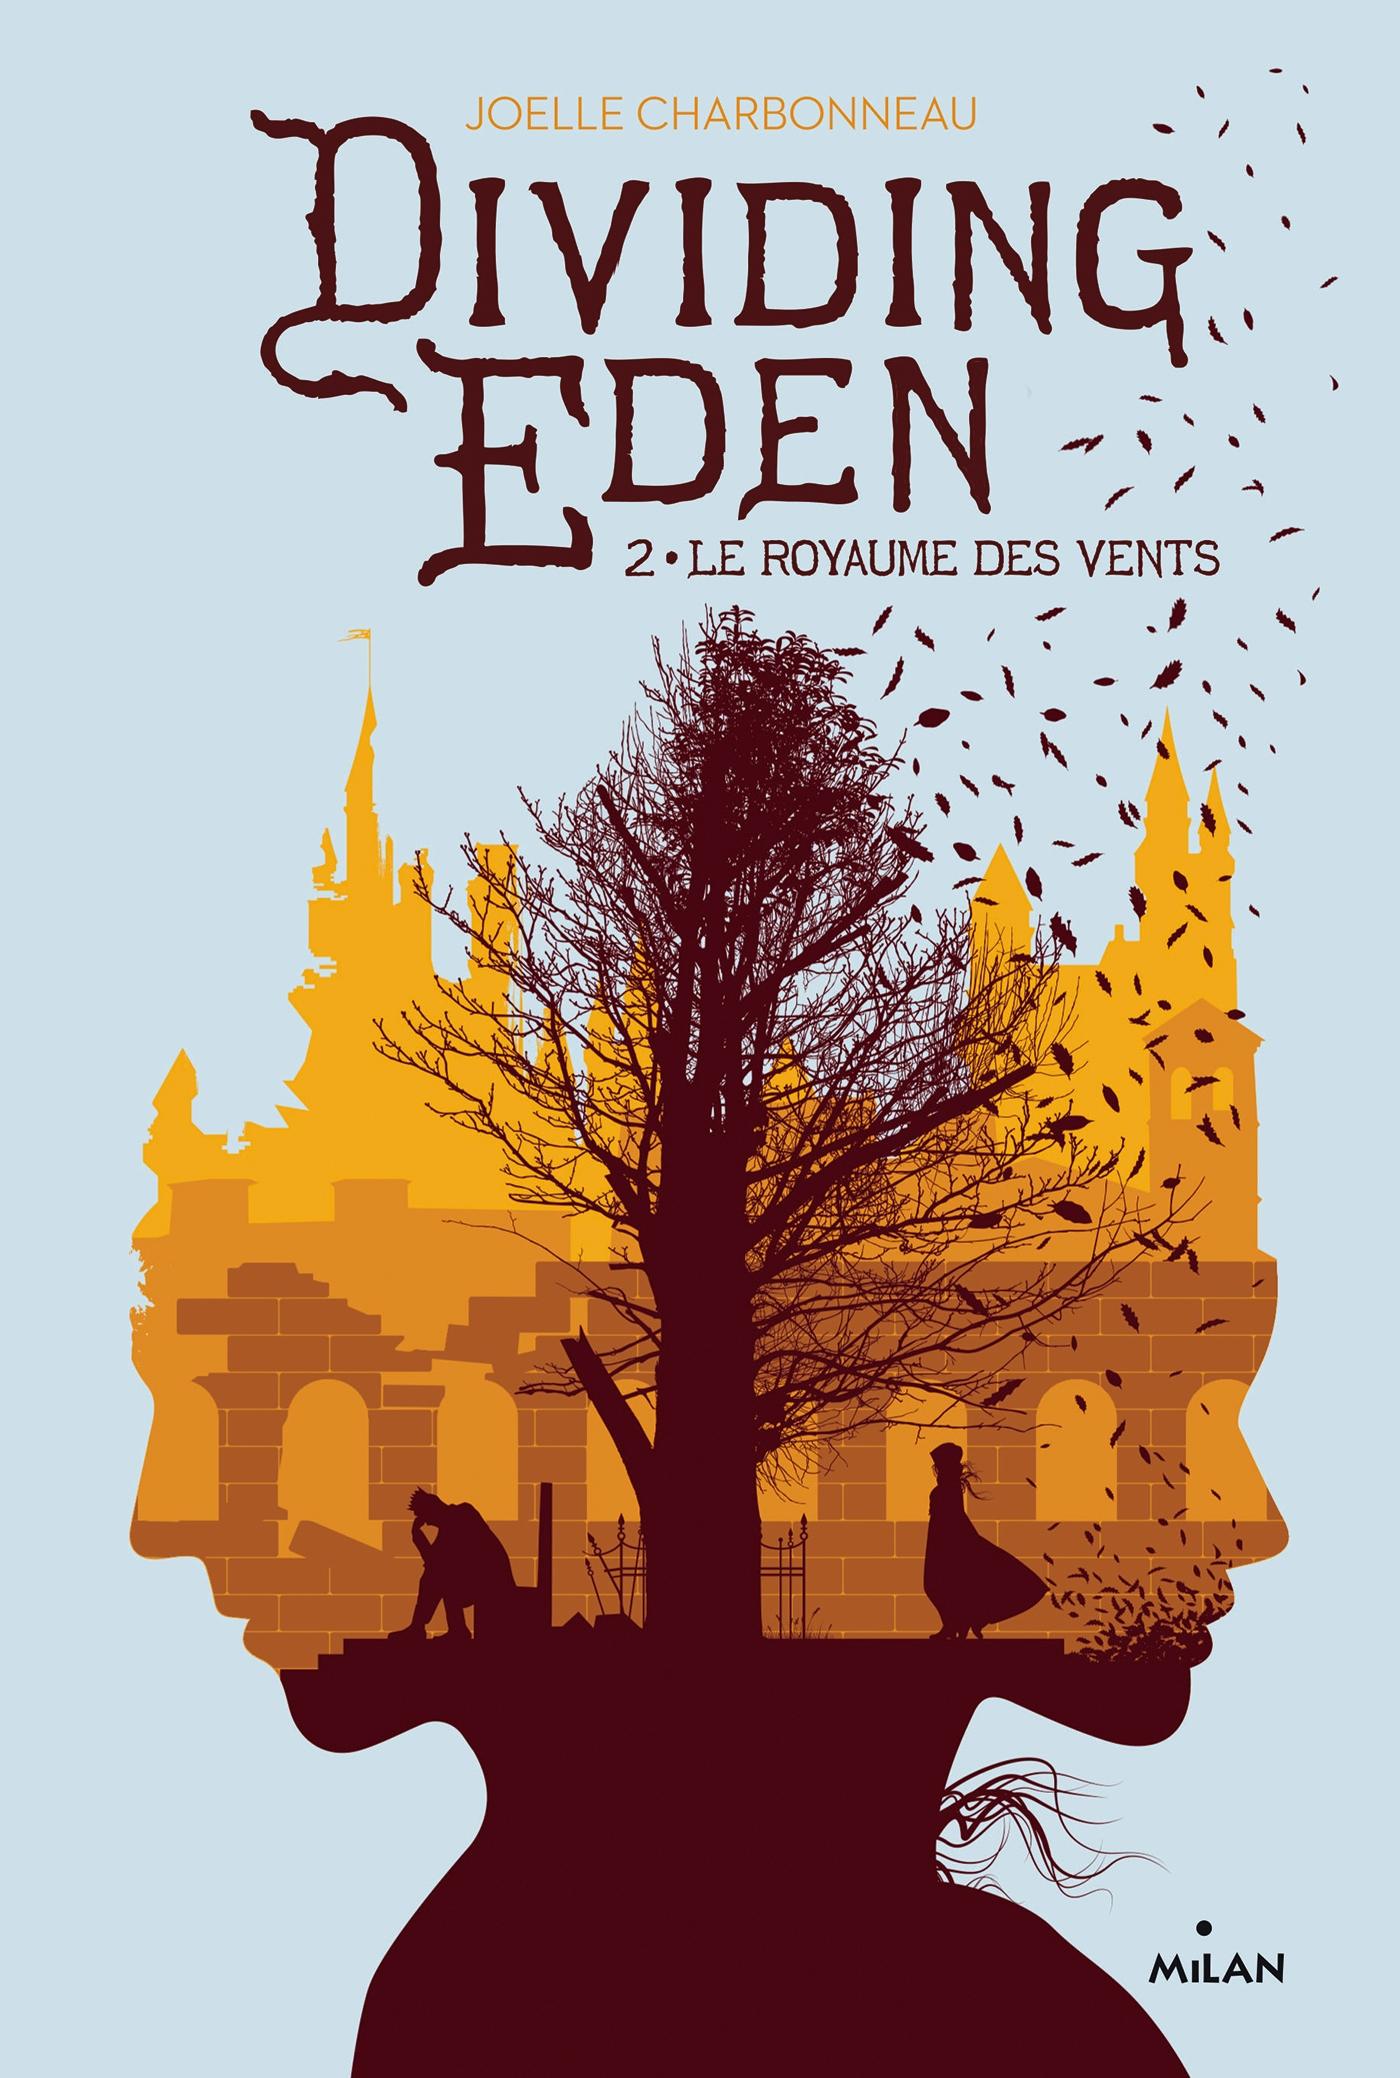 Image de l'article «Dividing Eden: Le royaume des vents de Joelle Charbonneau»